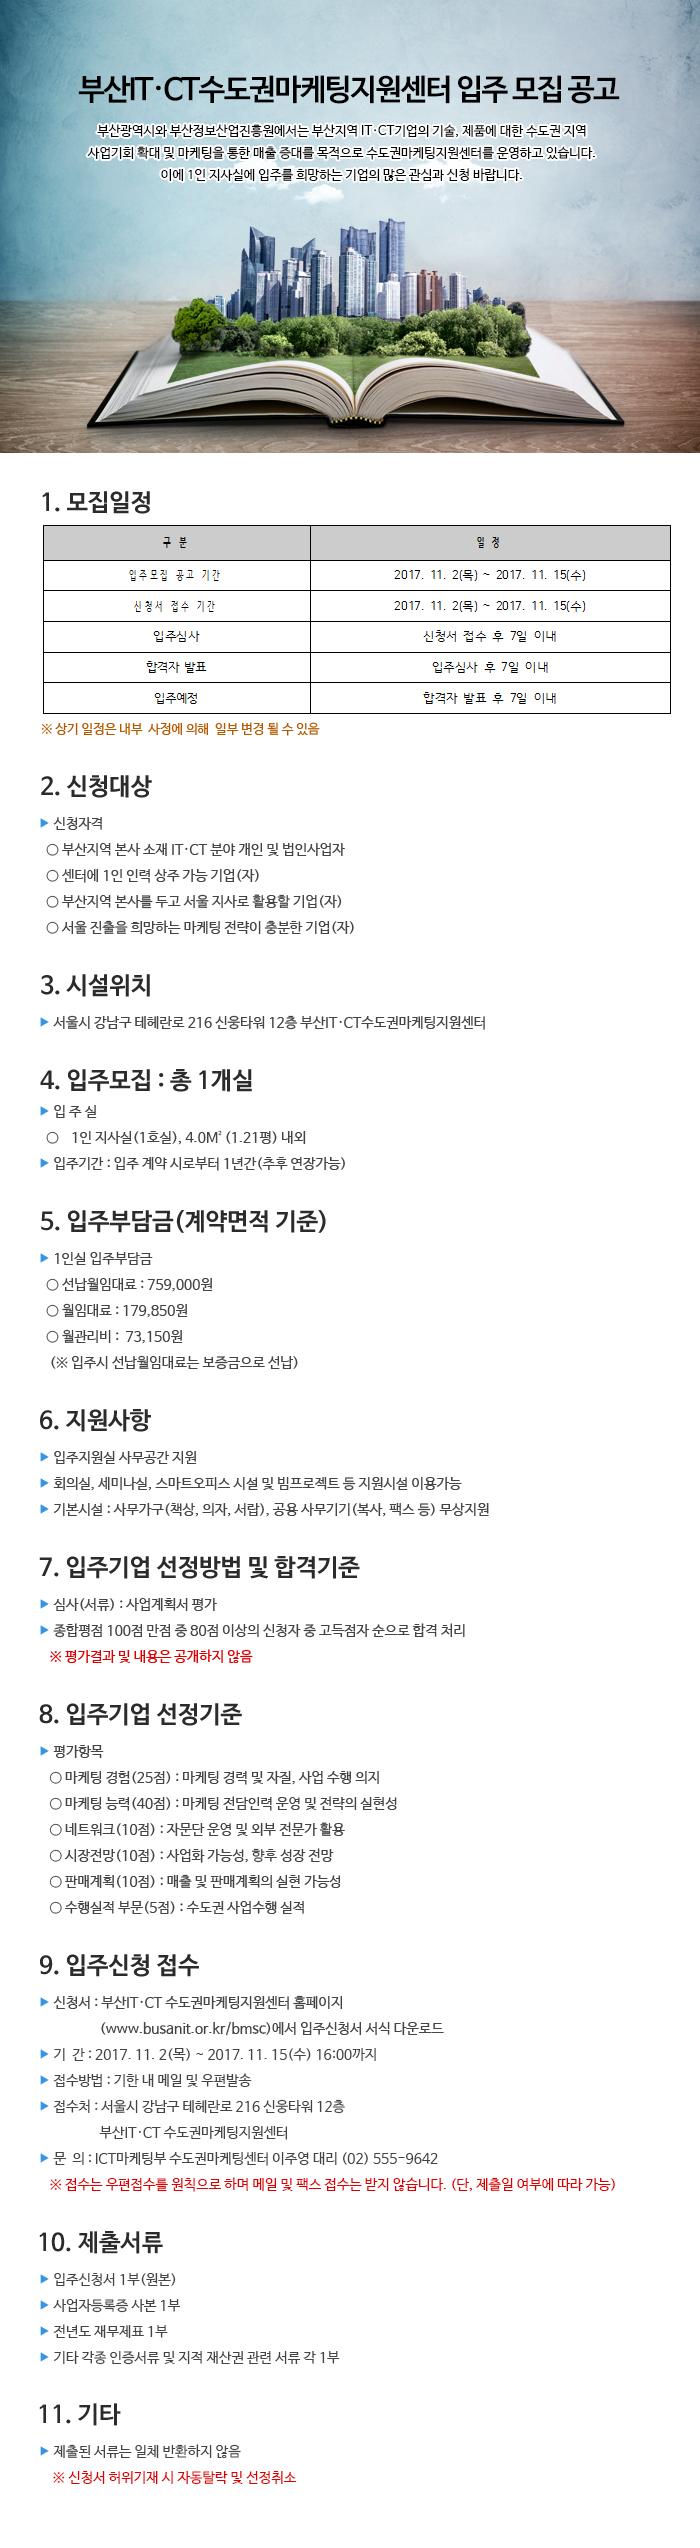 2017년 부산IT·CT수도권마케팅지원센터 7차 입주 모집 공고